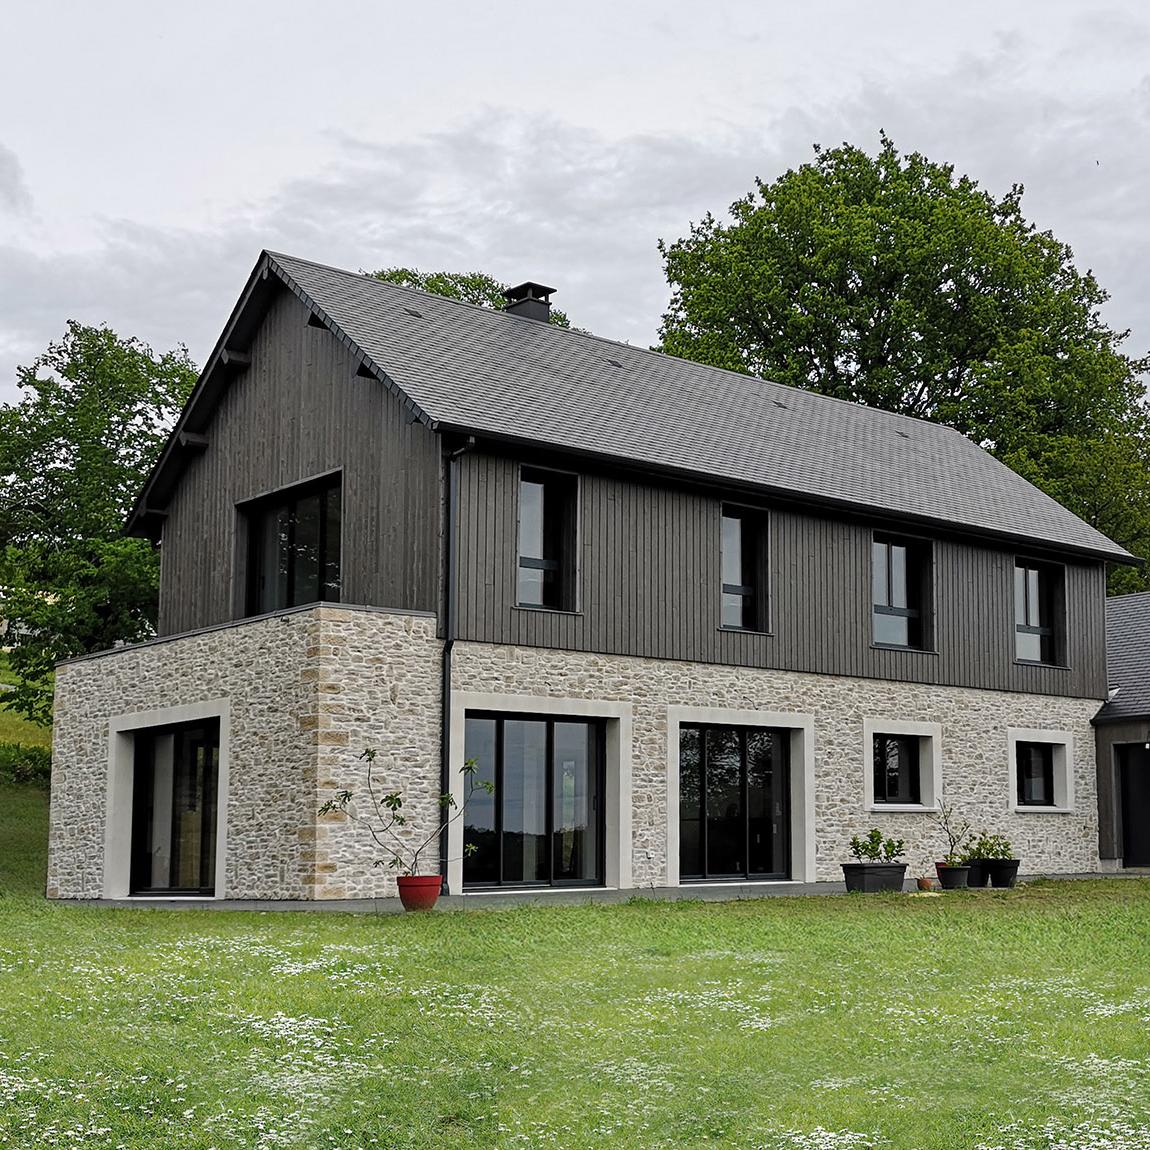 branellec bataille architecte maison vieux-bourg pierres bois ardoises